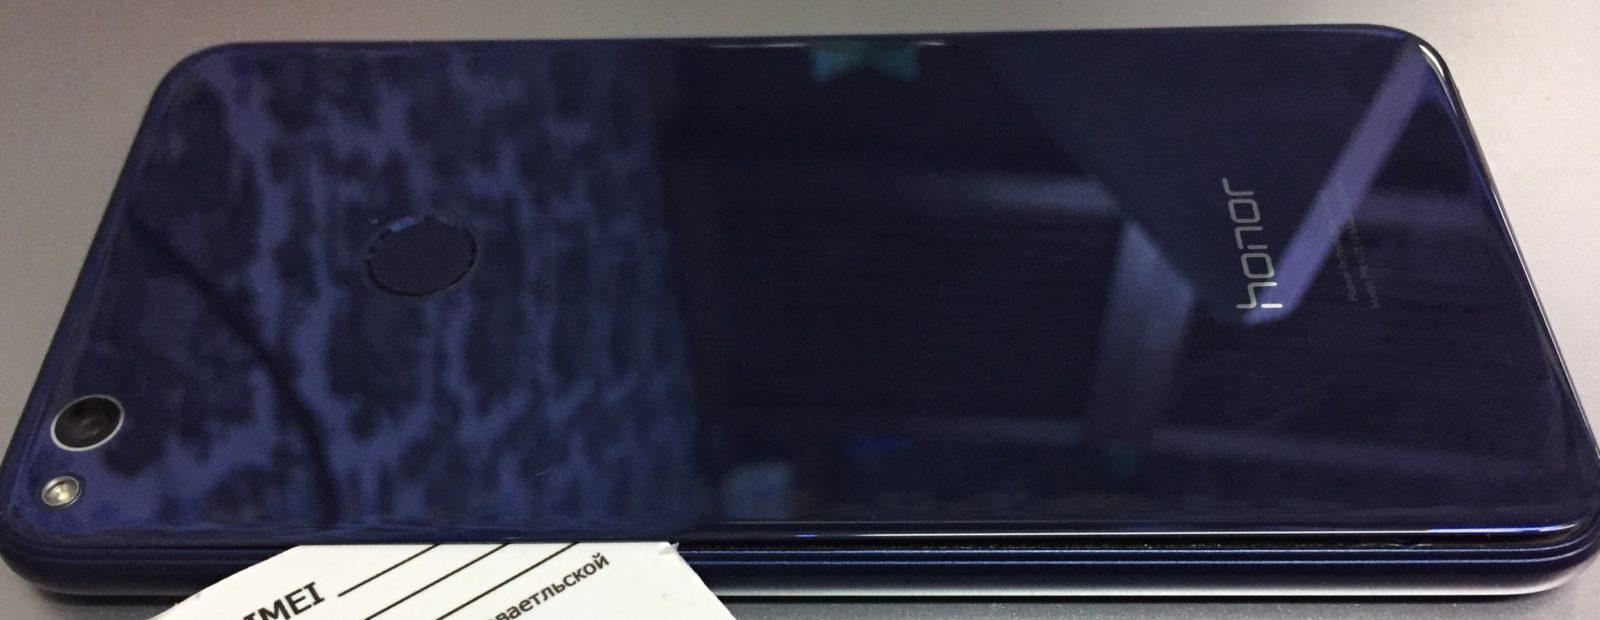 На Honor 8 Lite разбилось стекло. Замена экрана